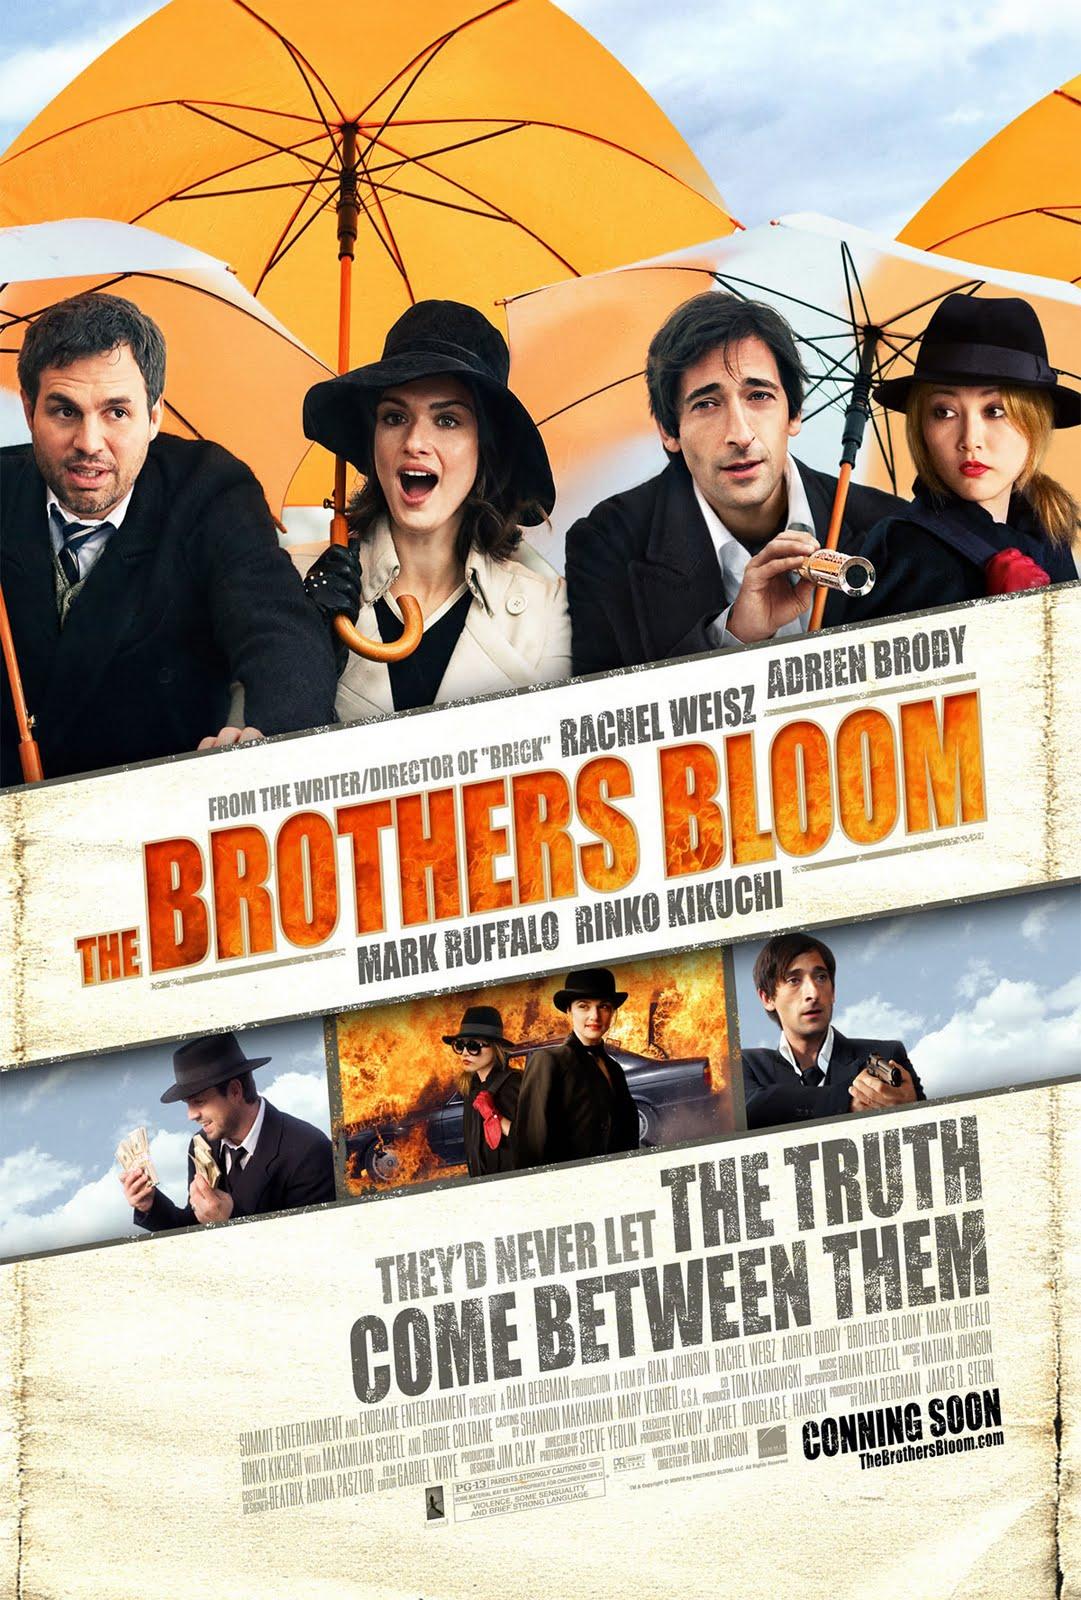 http://1.bp.blogspot.com/_QkY2ClFV7bI/SxEmvh5zguI/AAAAAAAABcY/dwNWHe1E7sU/s1600/brothers-bloom-rs-poster.jpg